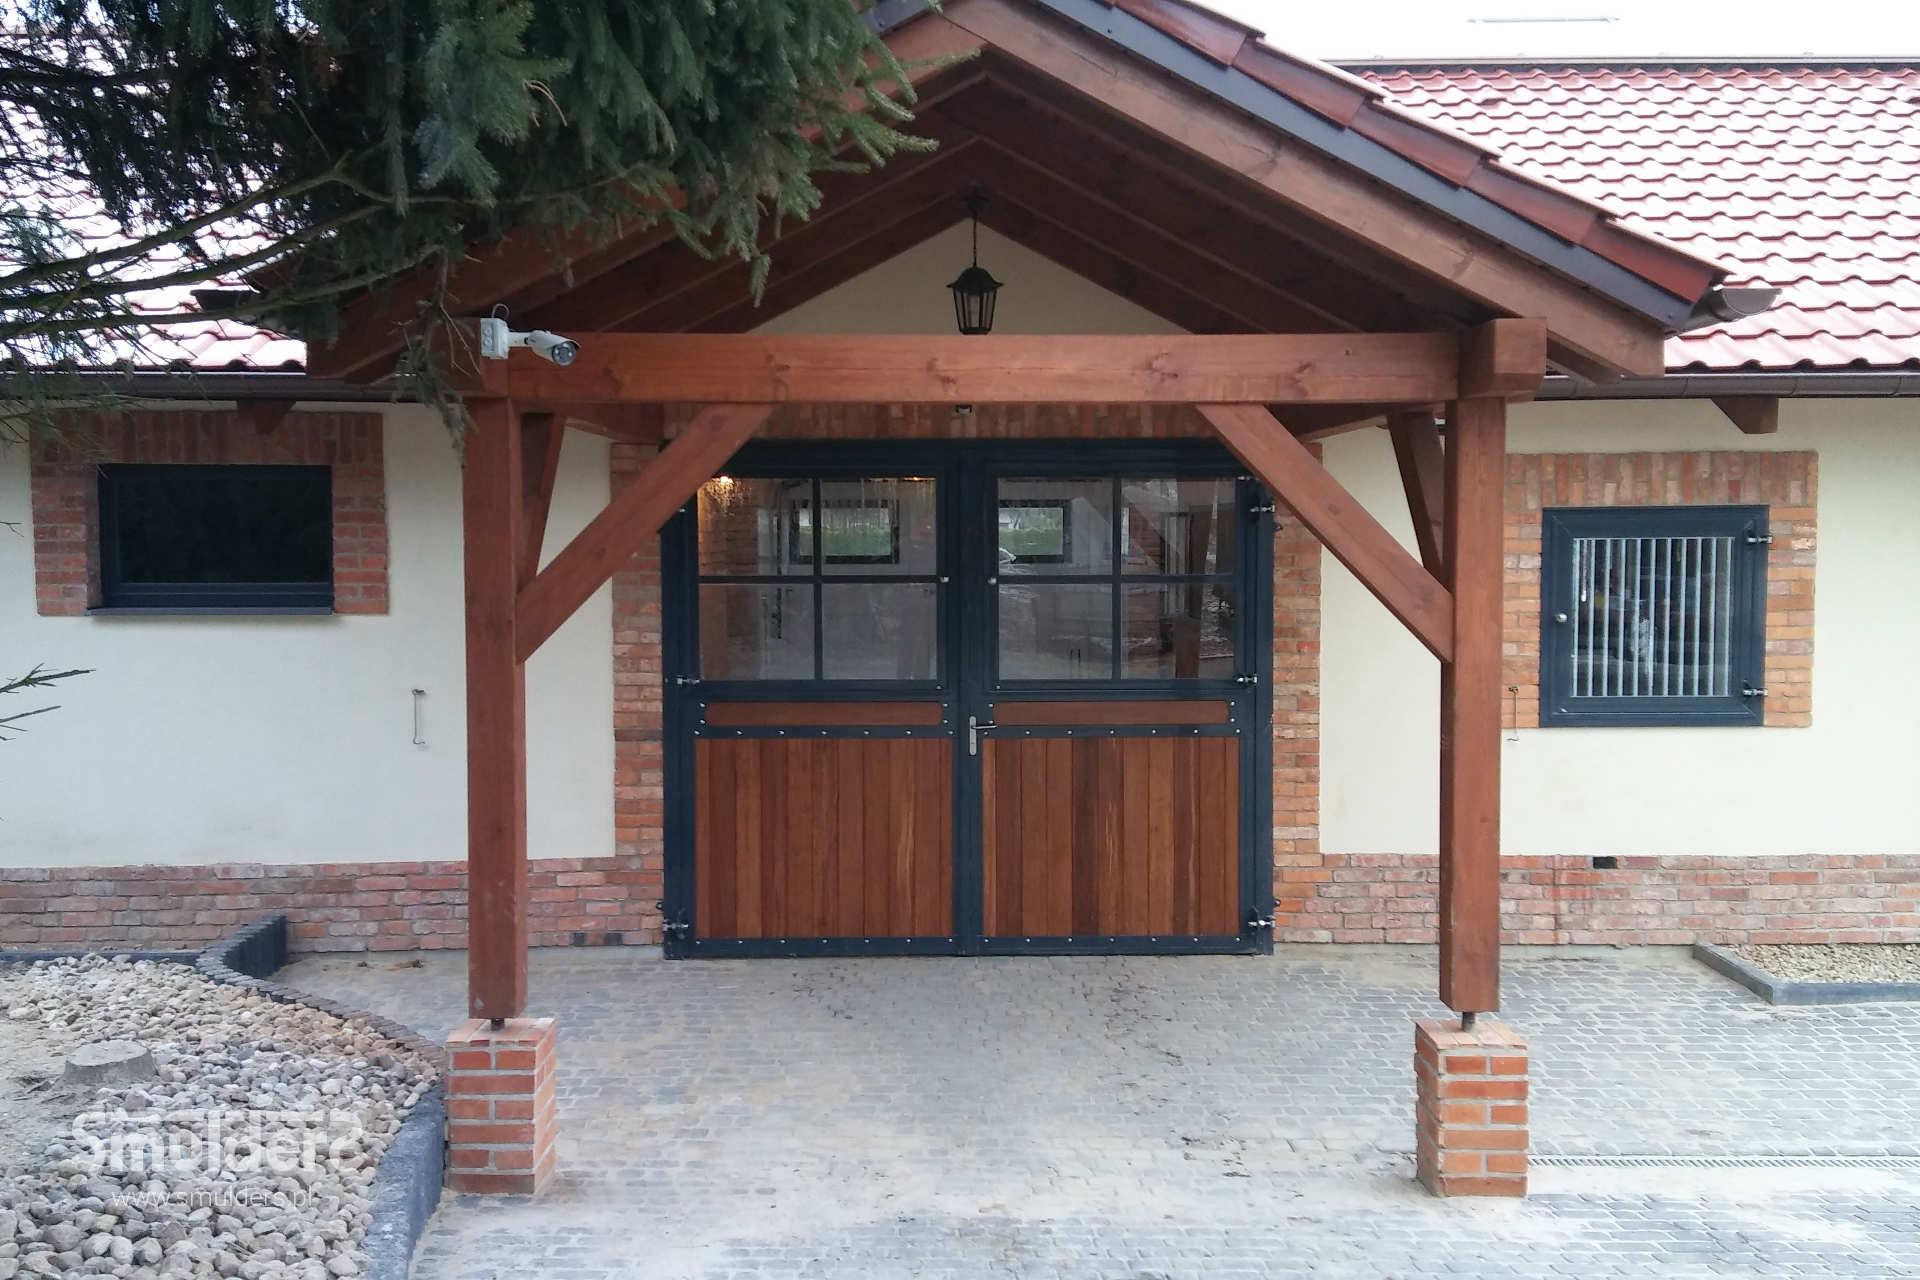 https://www.smulders.pl/wp-content/uploads/2019/03/f007_internal-stables_windsor_barn-door_door_windows_LAN_SMULDERS_PL.jpg